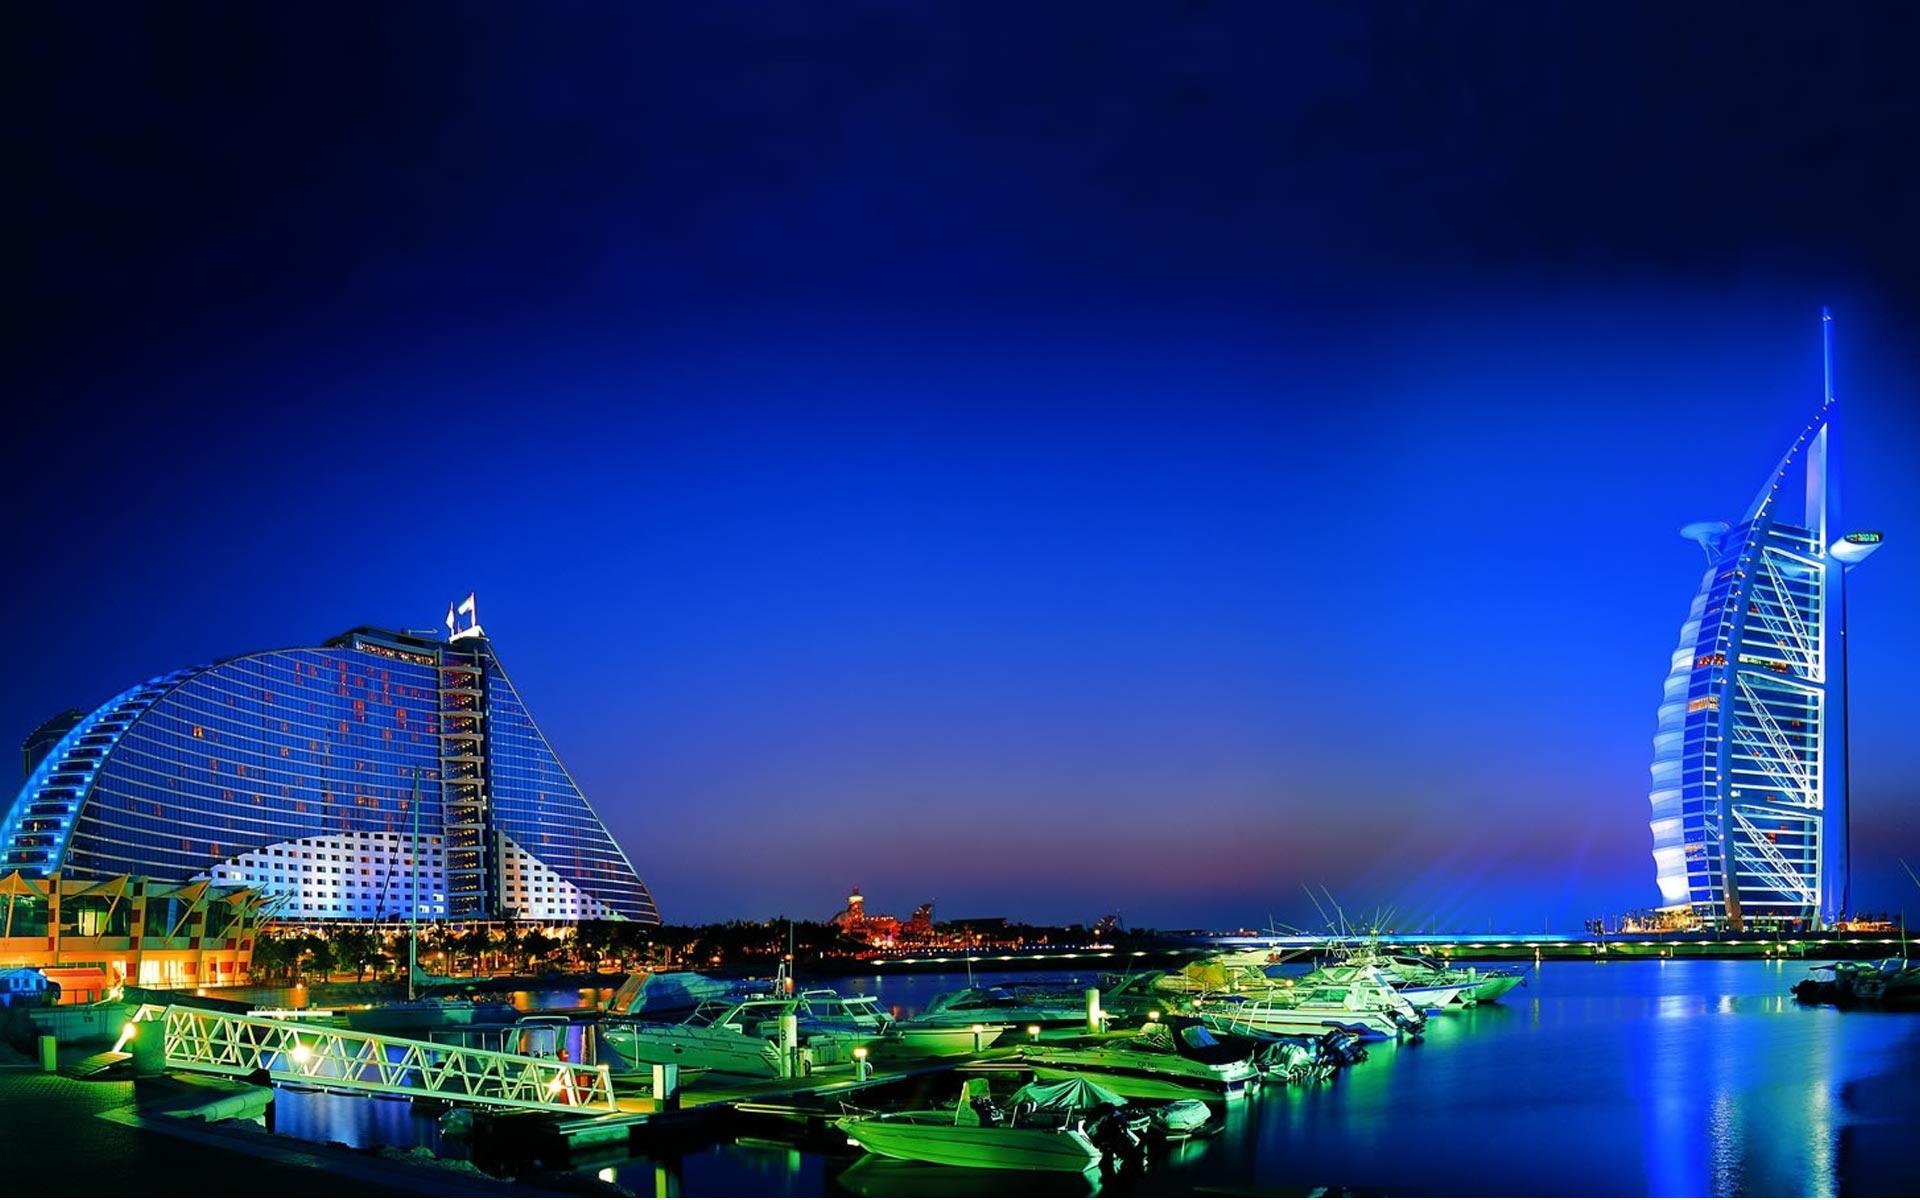 25000 скачать Синие обои на телефон бесплатно, Пейзаж, Города, Дома, Море, Ночь, Архитектура Синие картинки и заставки на мобильный